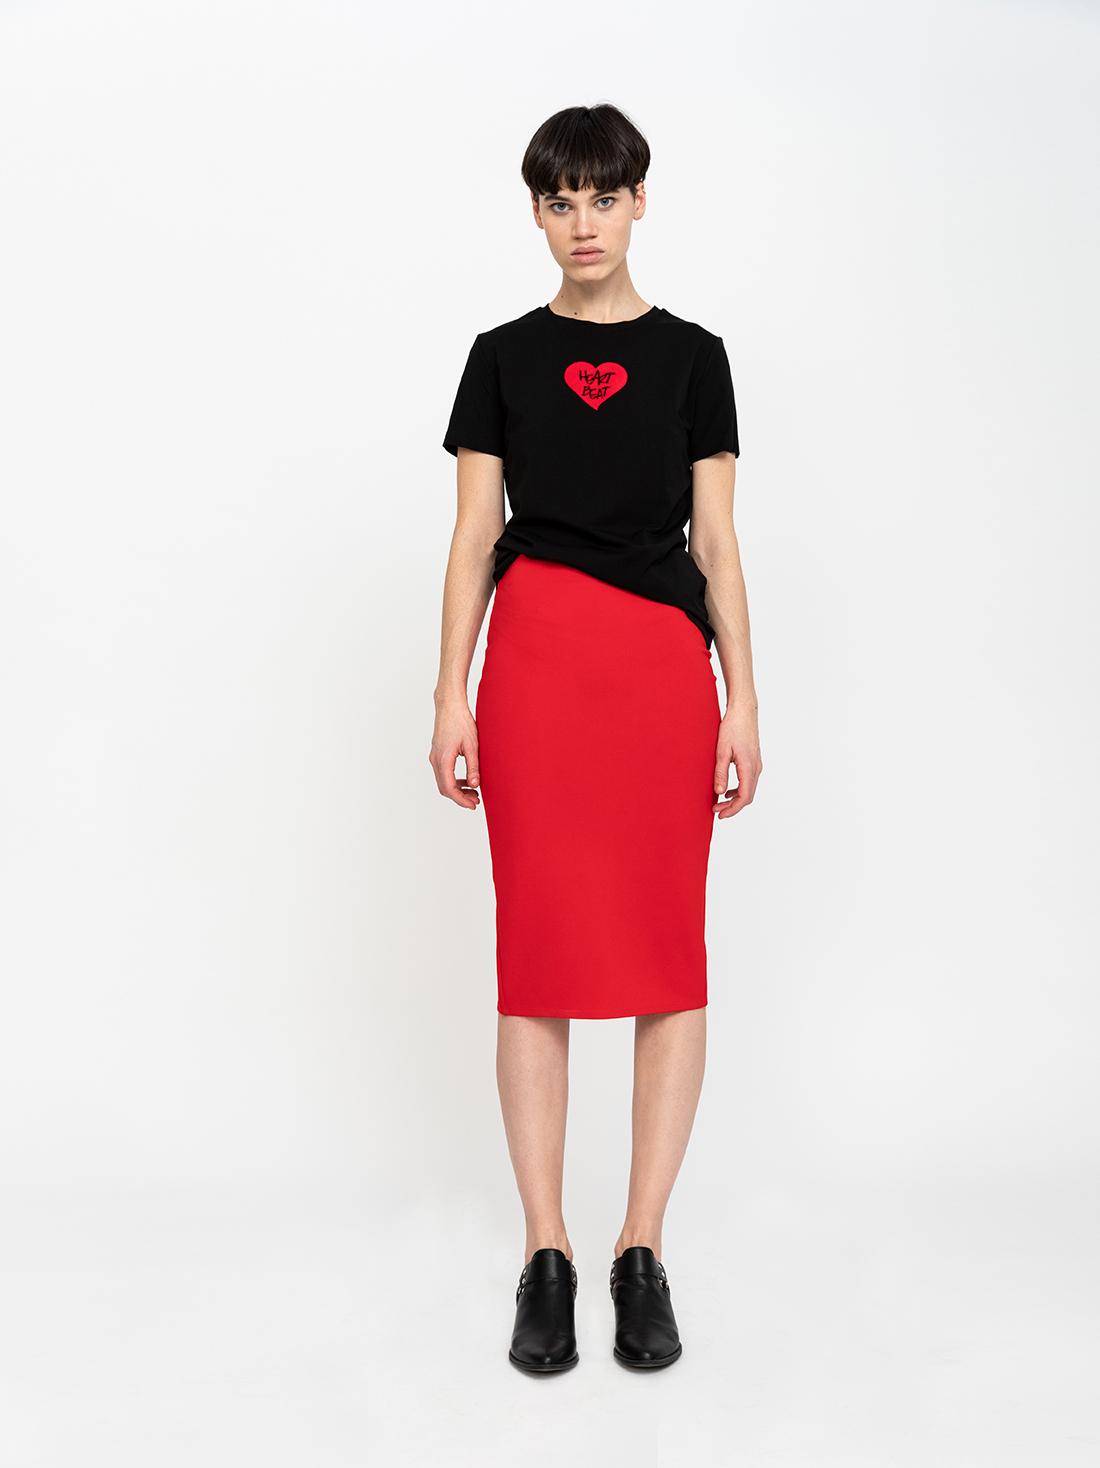 85dfd021f46 Черная юбка-карандаш — купить в интернет-магазине LIME с доставкой ...